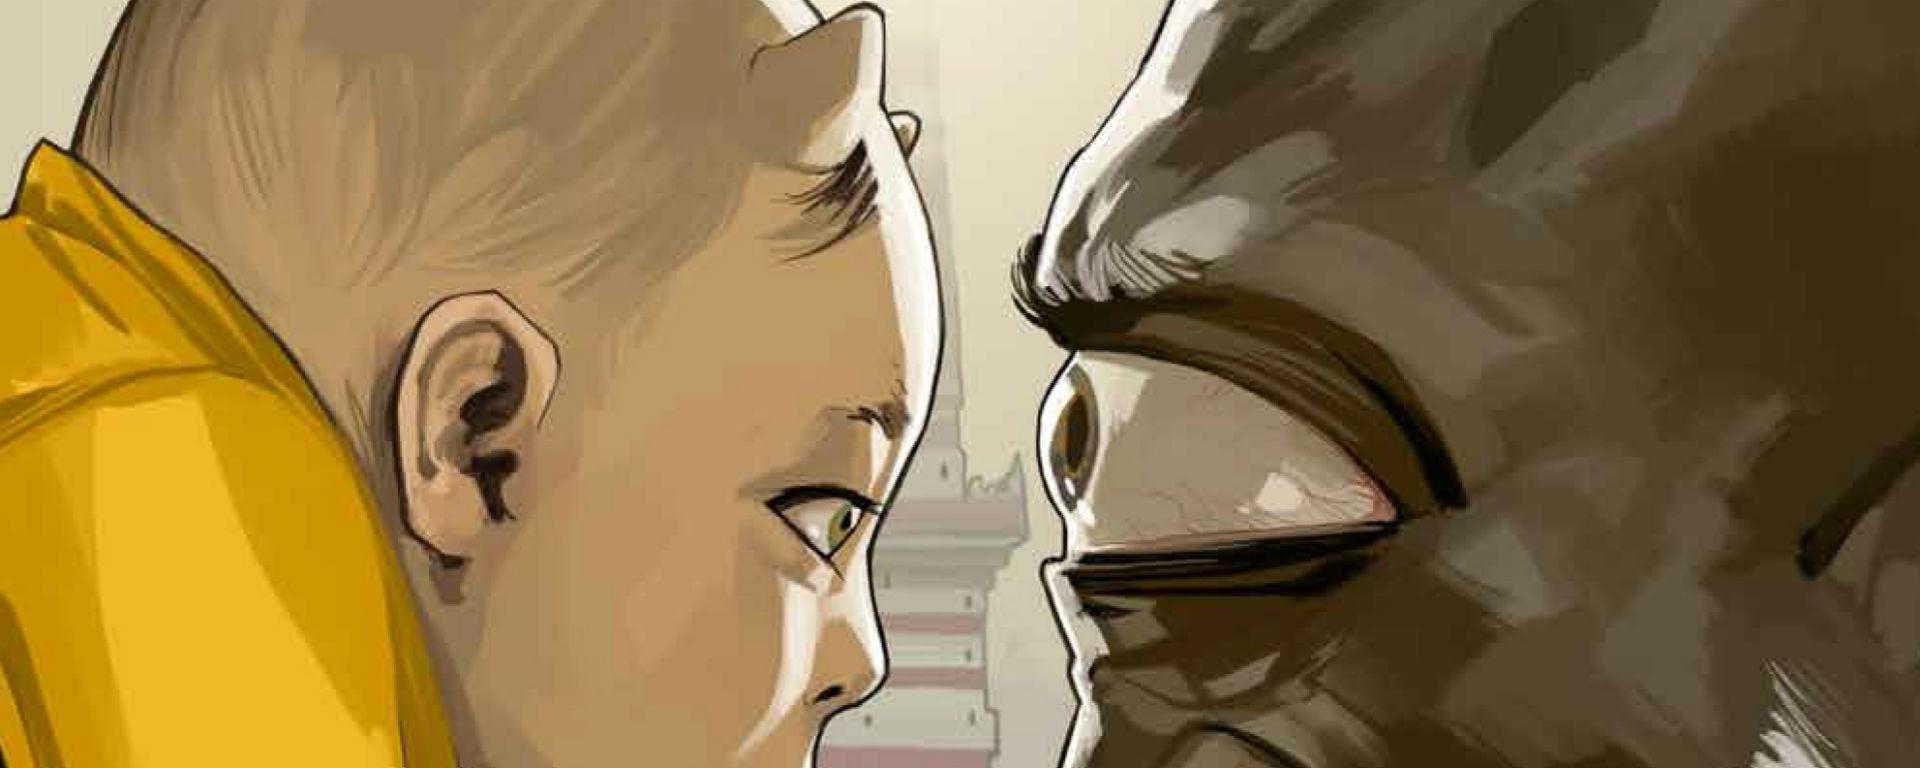 image comics saga 13 review feature image